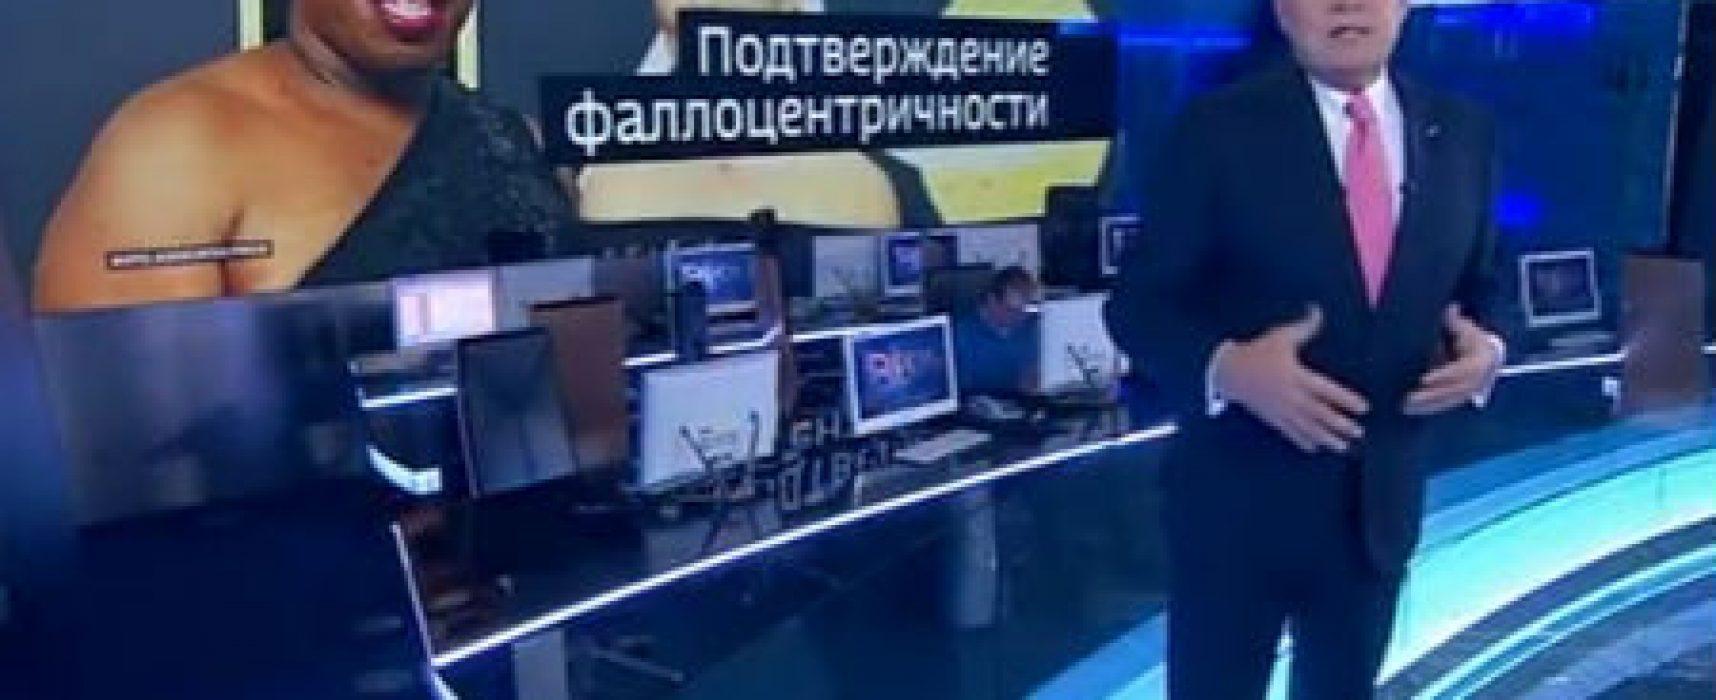 Телепропаганда. Январь 2018